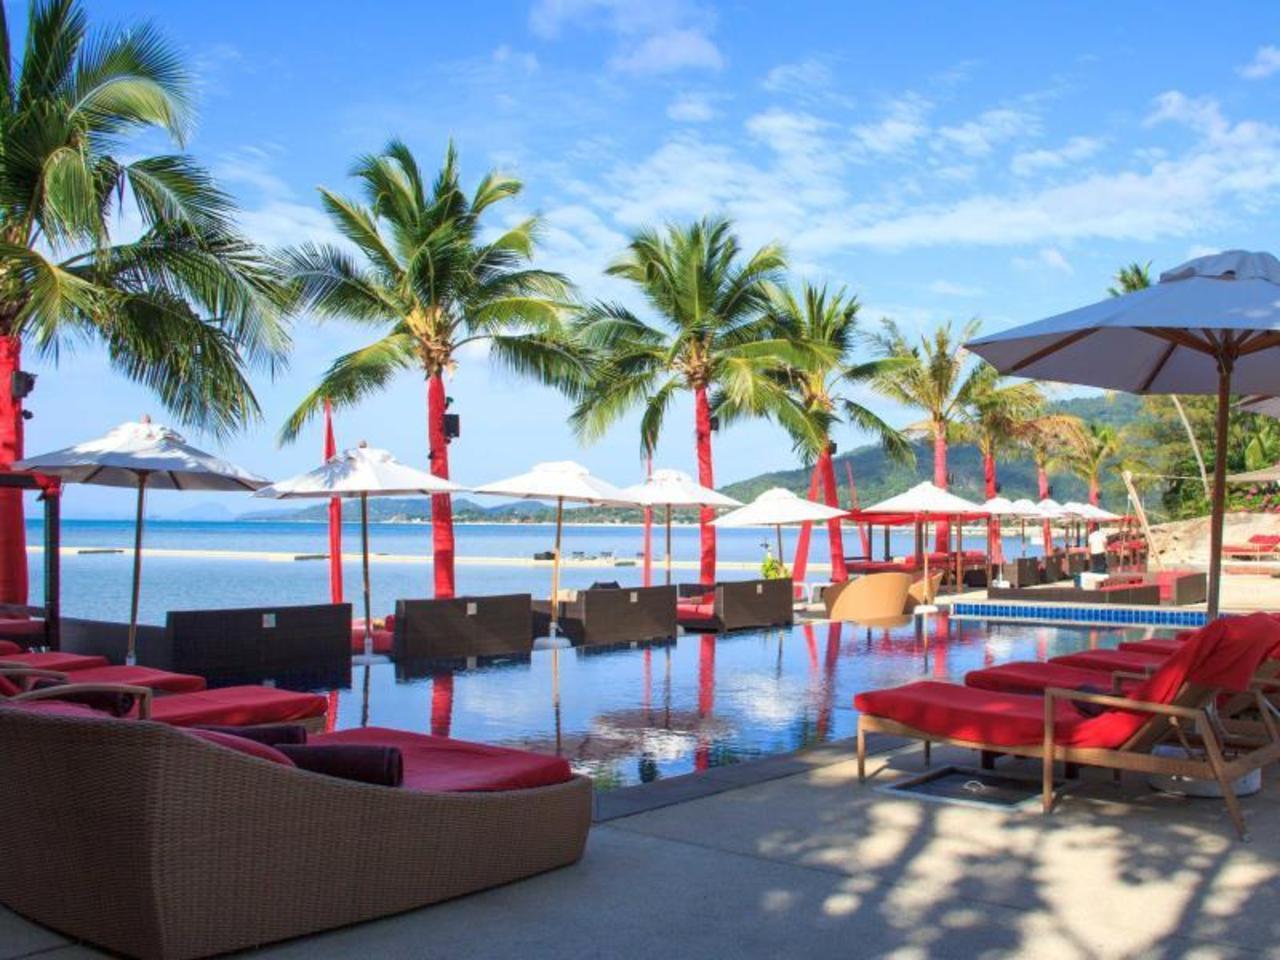 โรงแรมบีช รีพับลิค (Beach Republic Hotel)